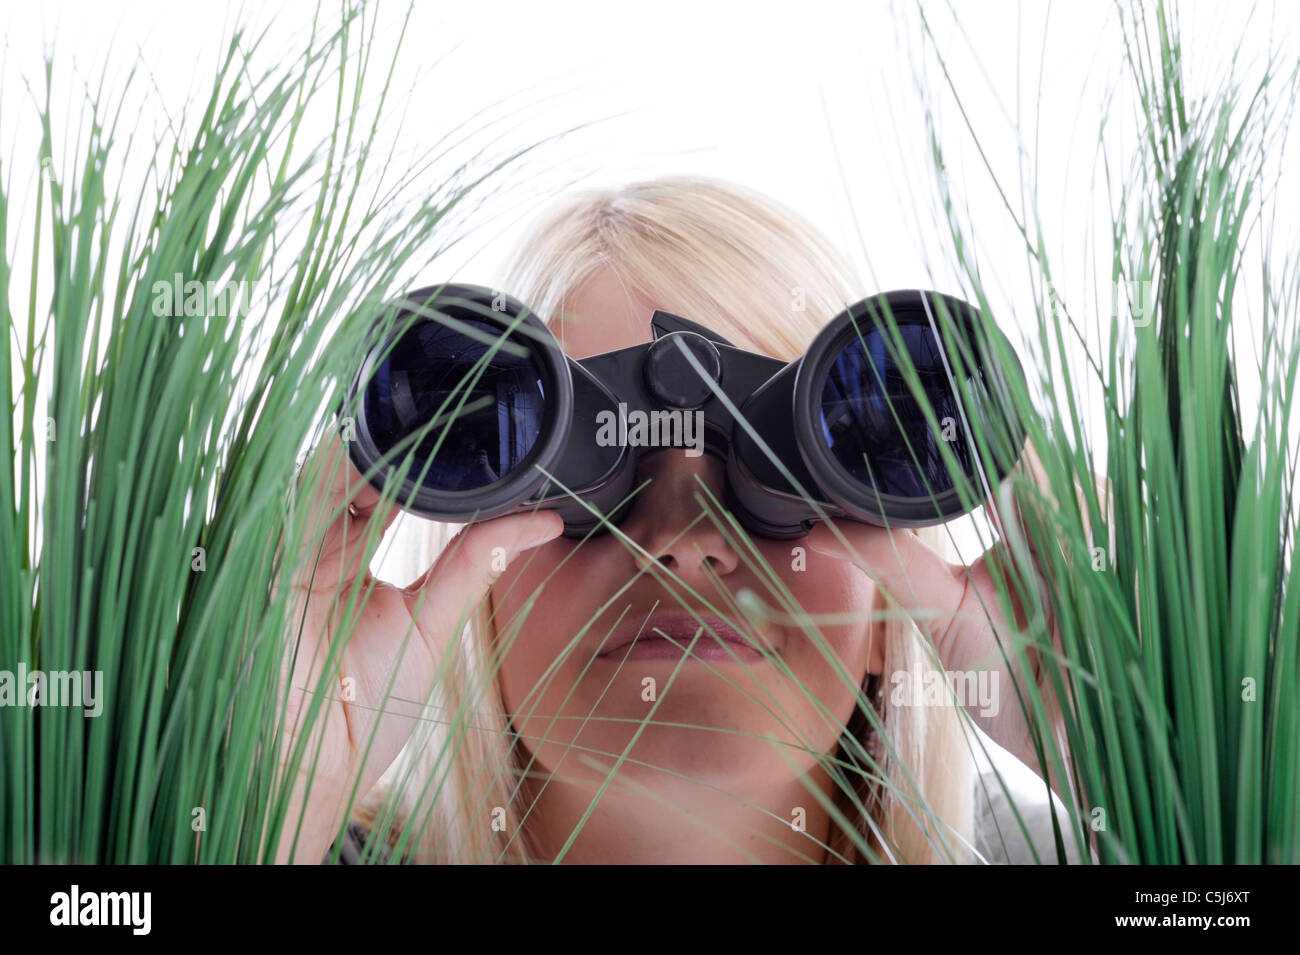 Junge, blonde Frau mit dem Fernglas im Grass liegen Stockbild